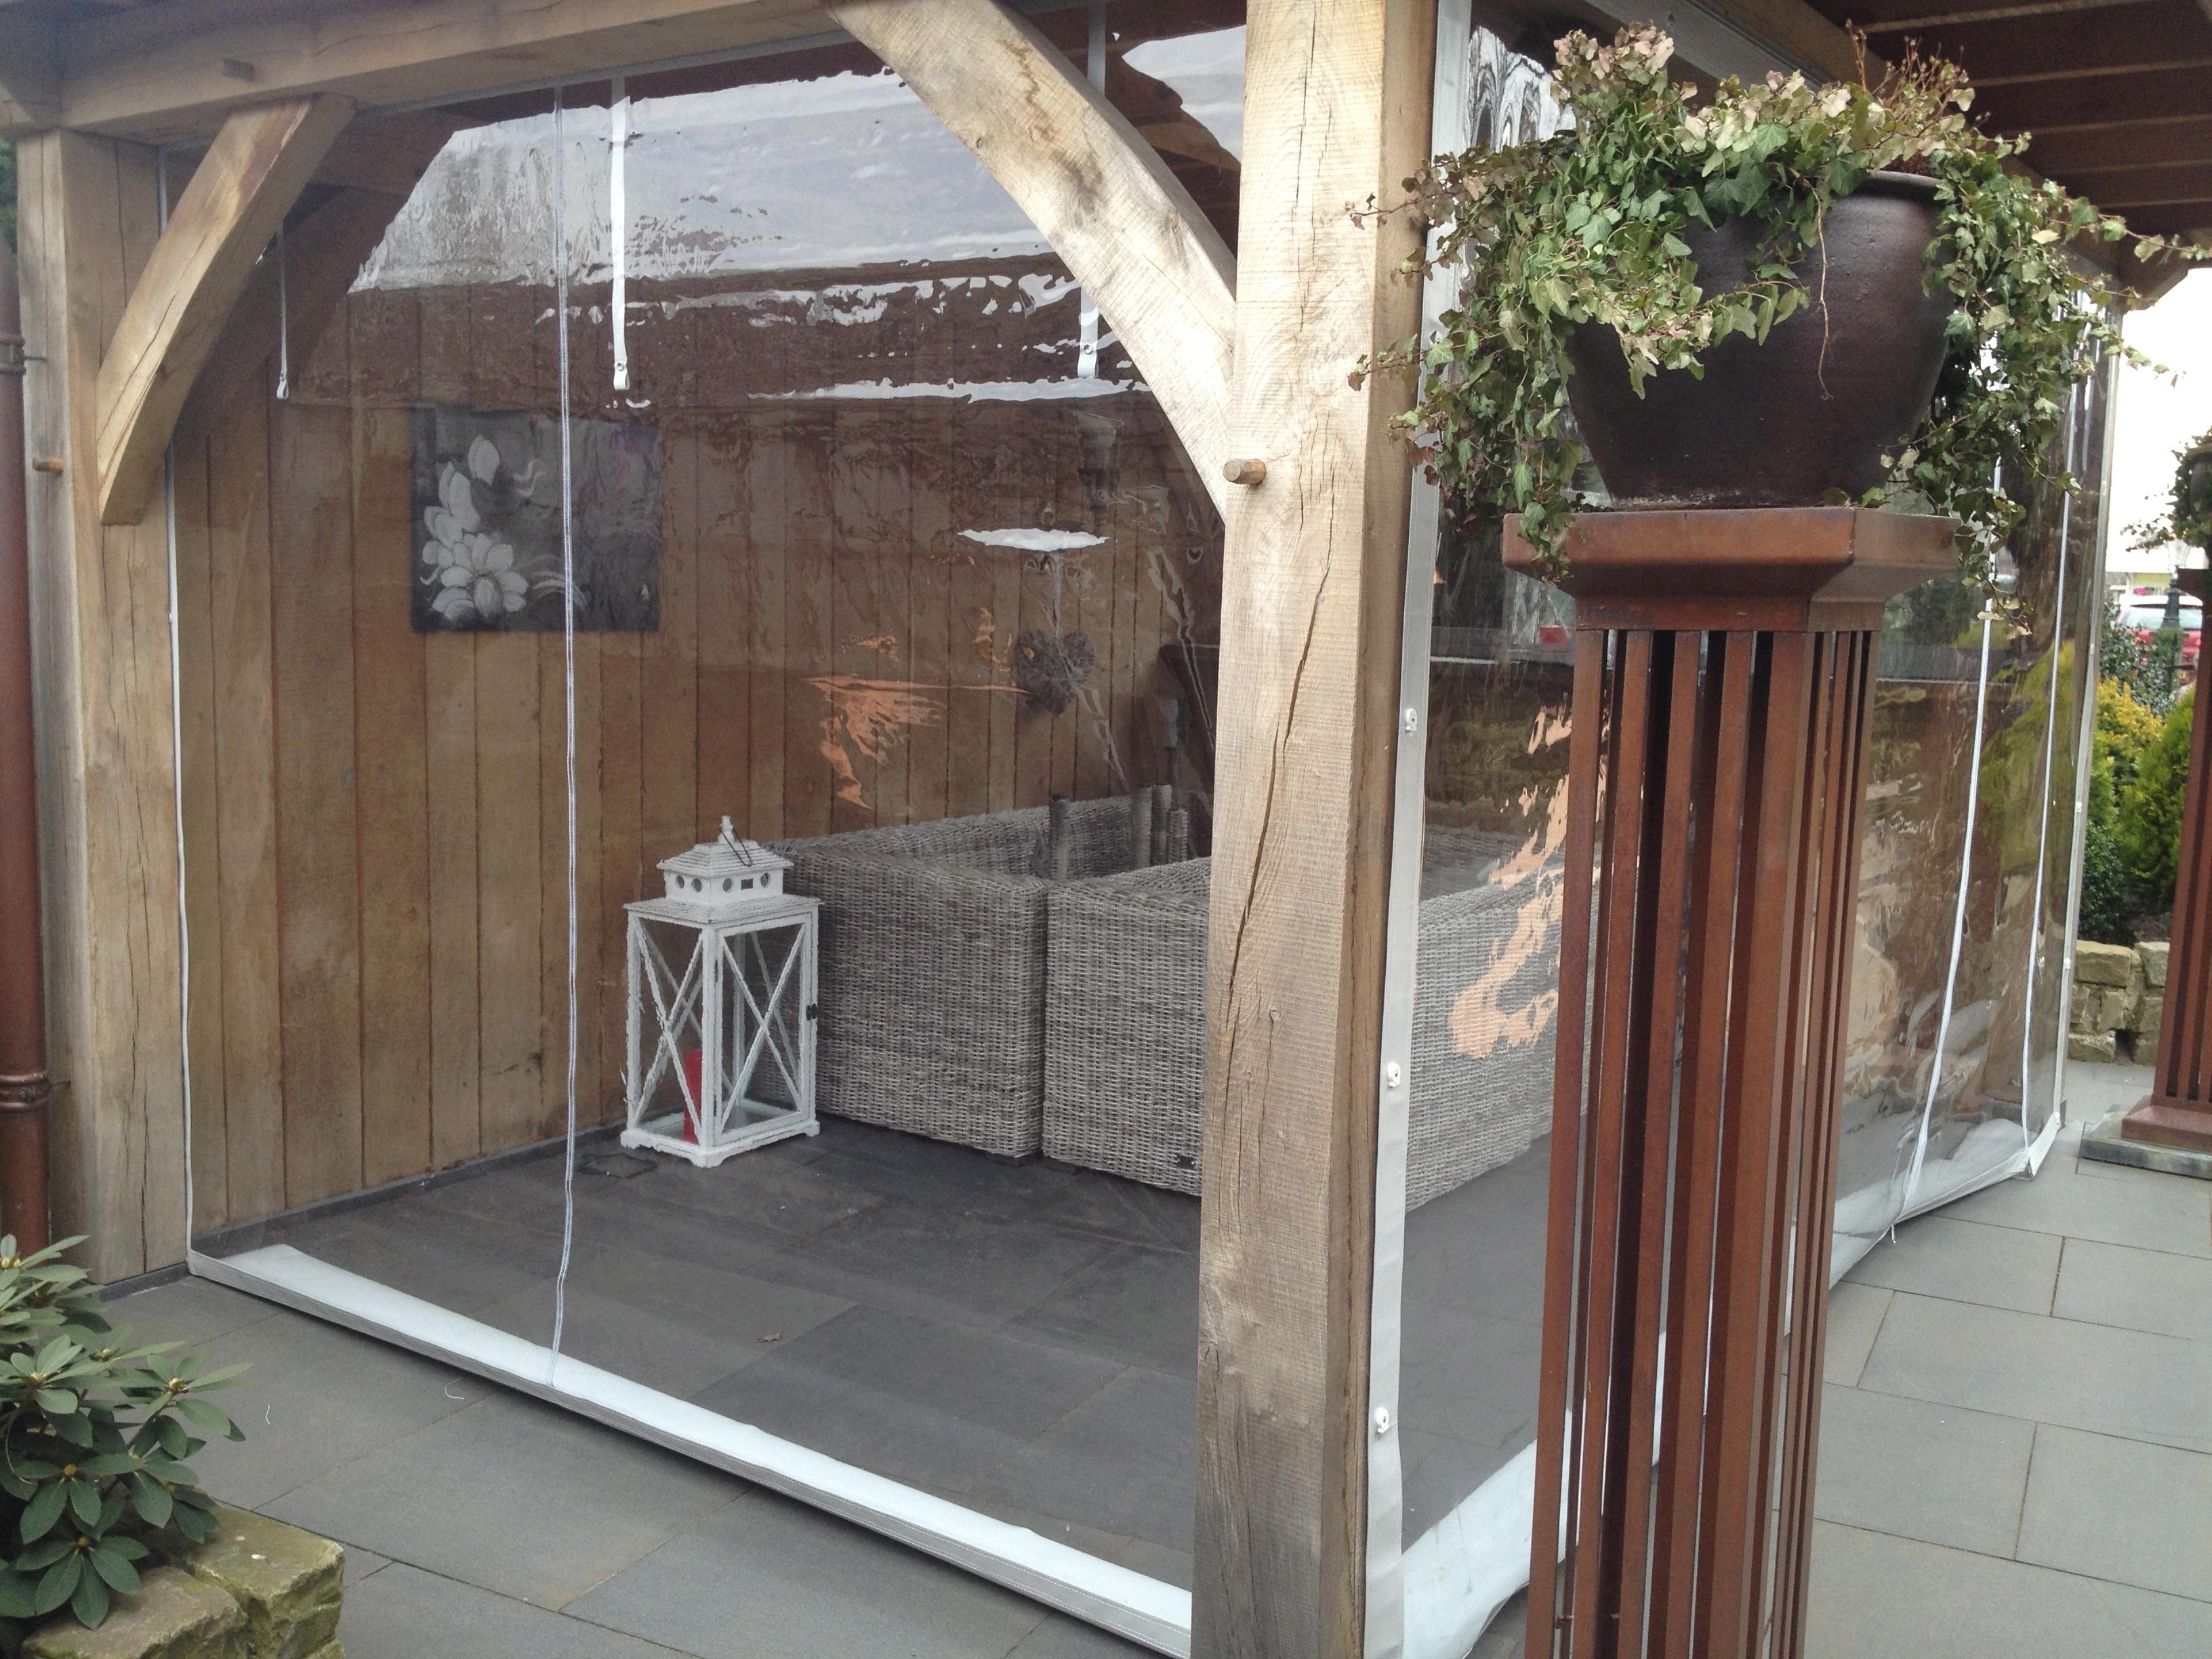 Rn veranda zeilspecialist - Transparante baai veranda ...